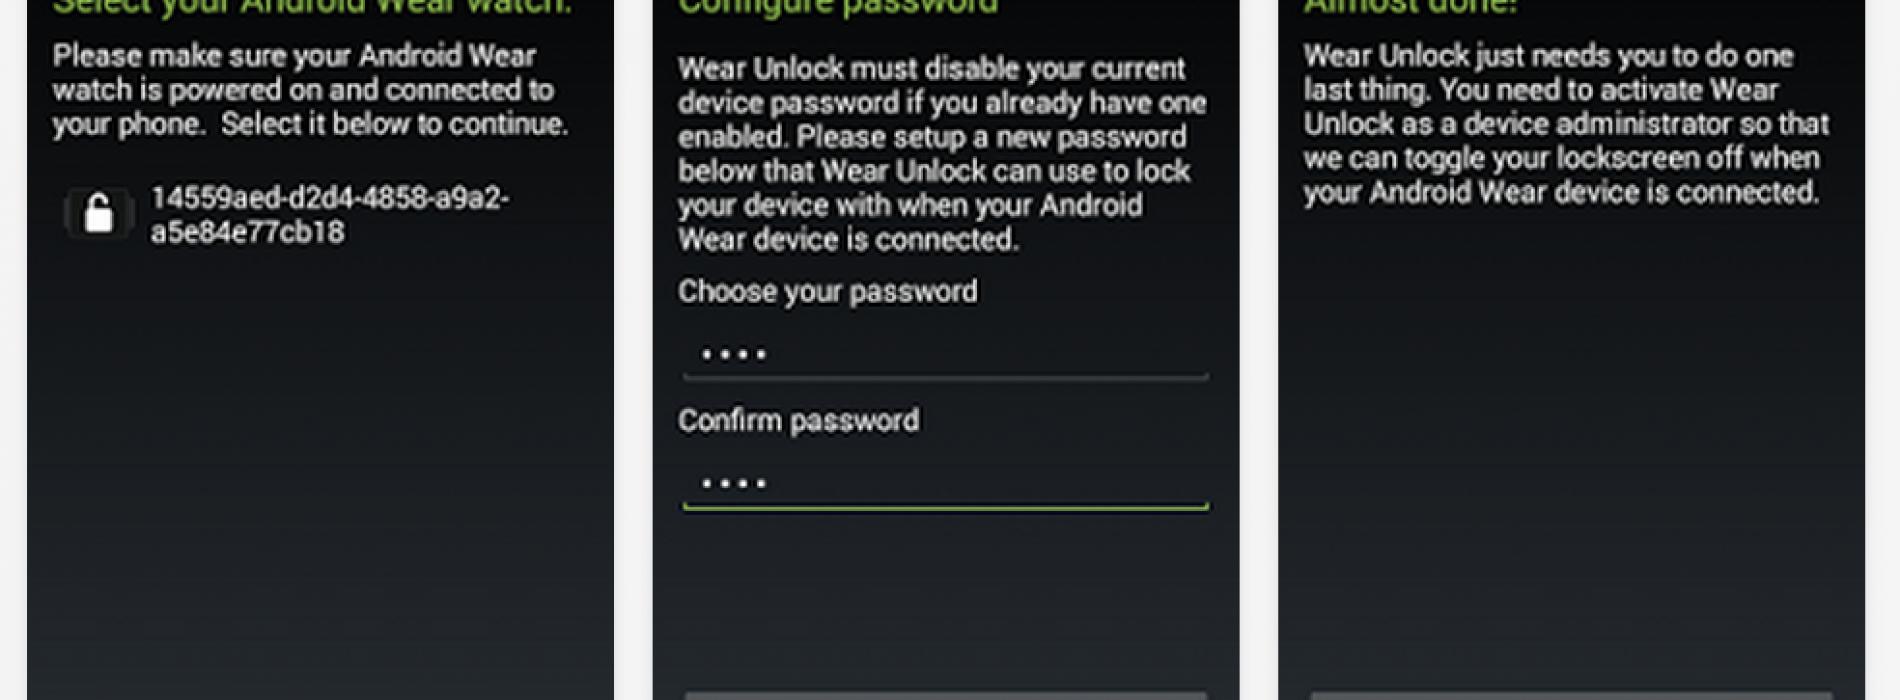 Watch This App: Wear Unlock